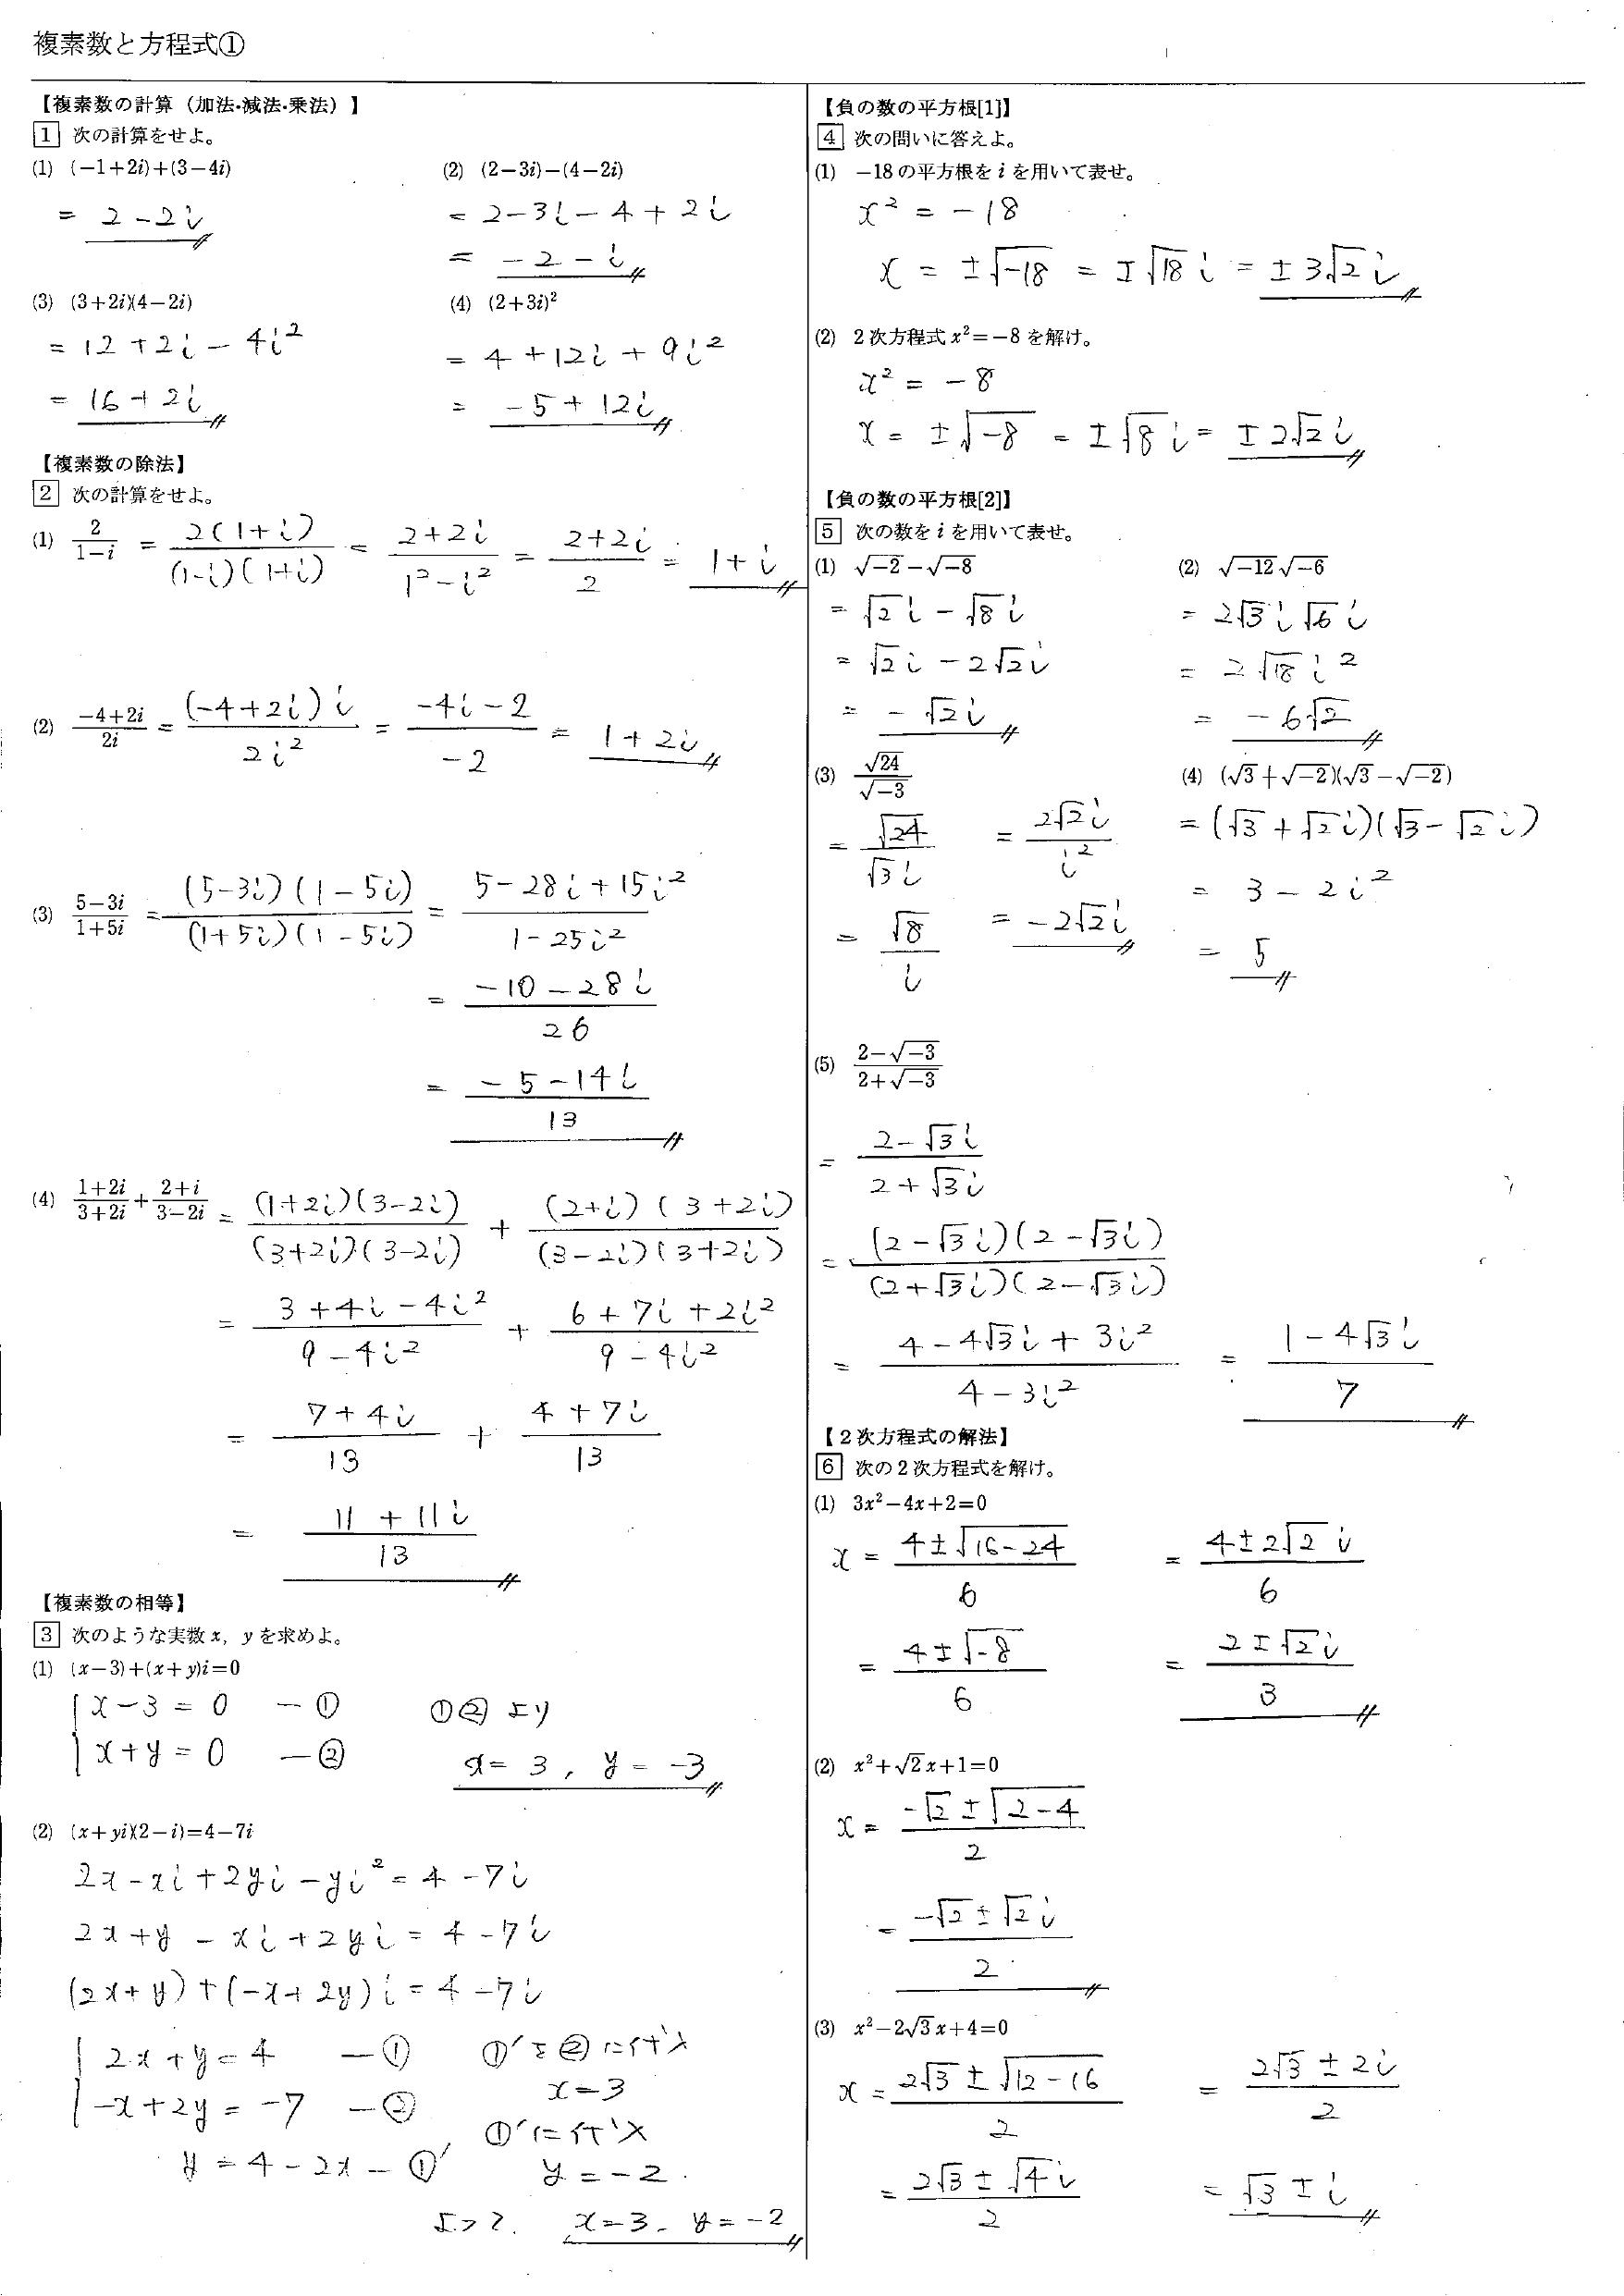 複素数 教科書 まとめ 一覧 問題 解答